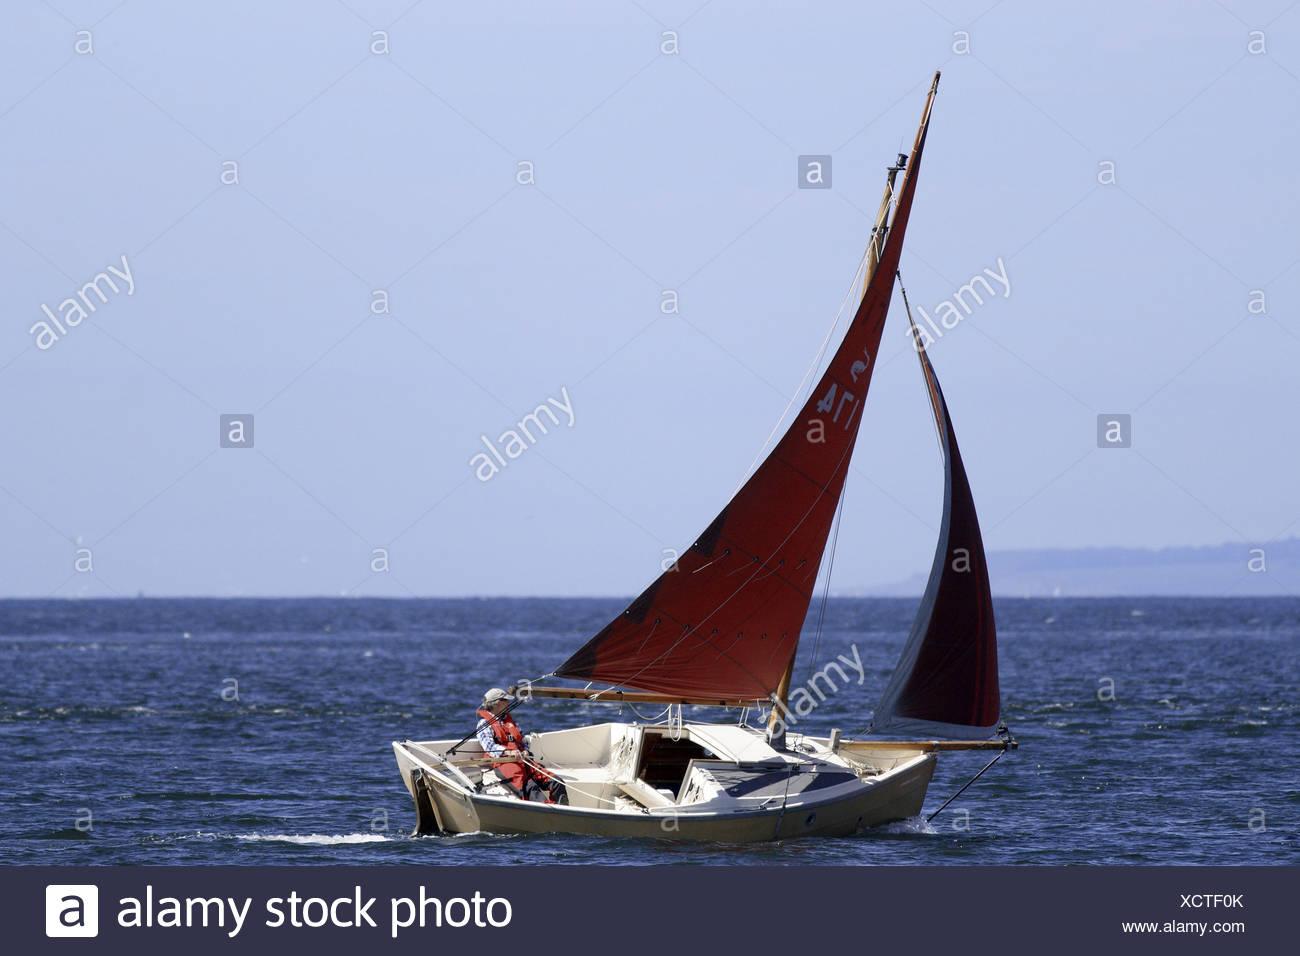 Sailing boat at Chanonry Point, Moray Firth. - Stock Image